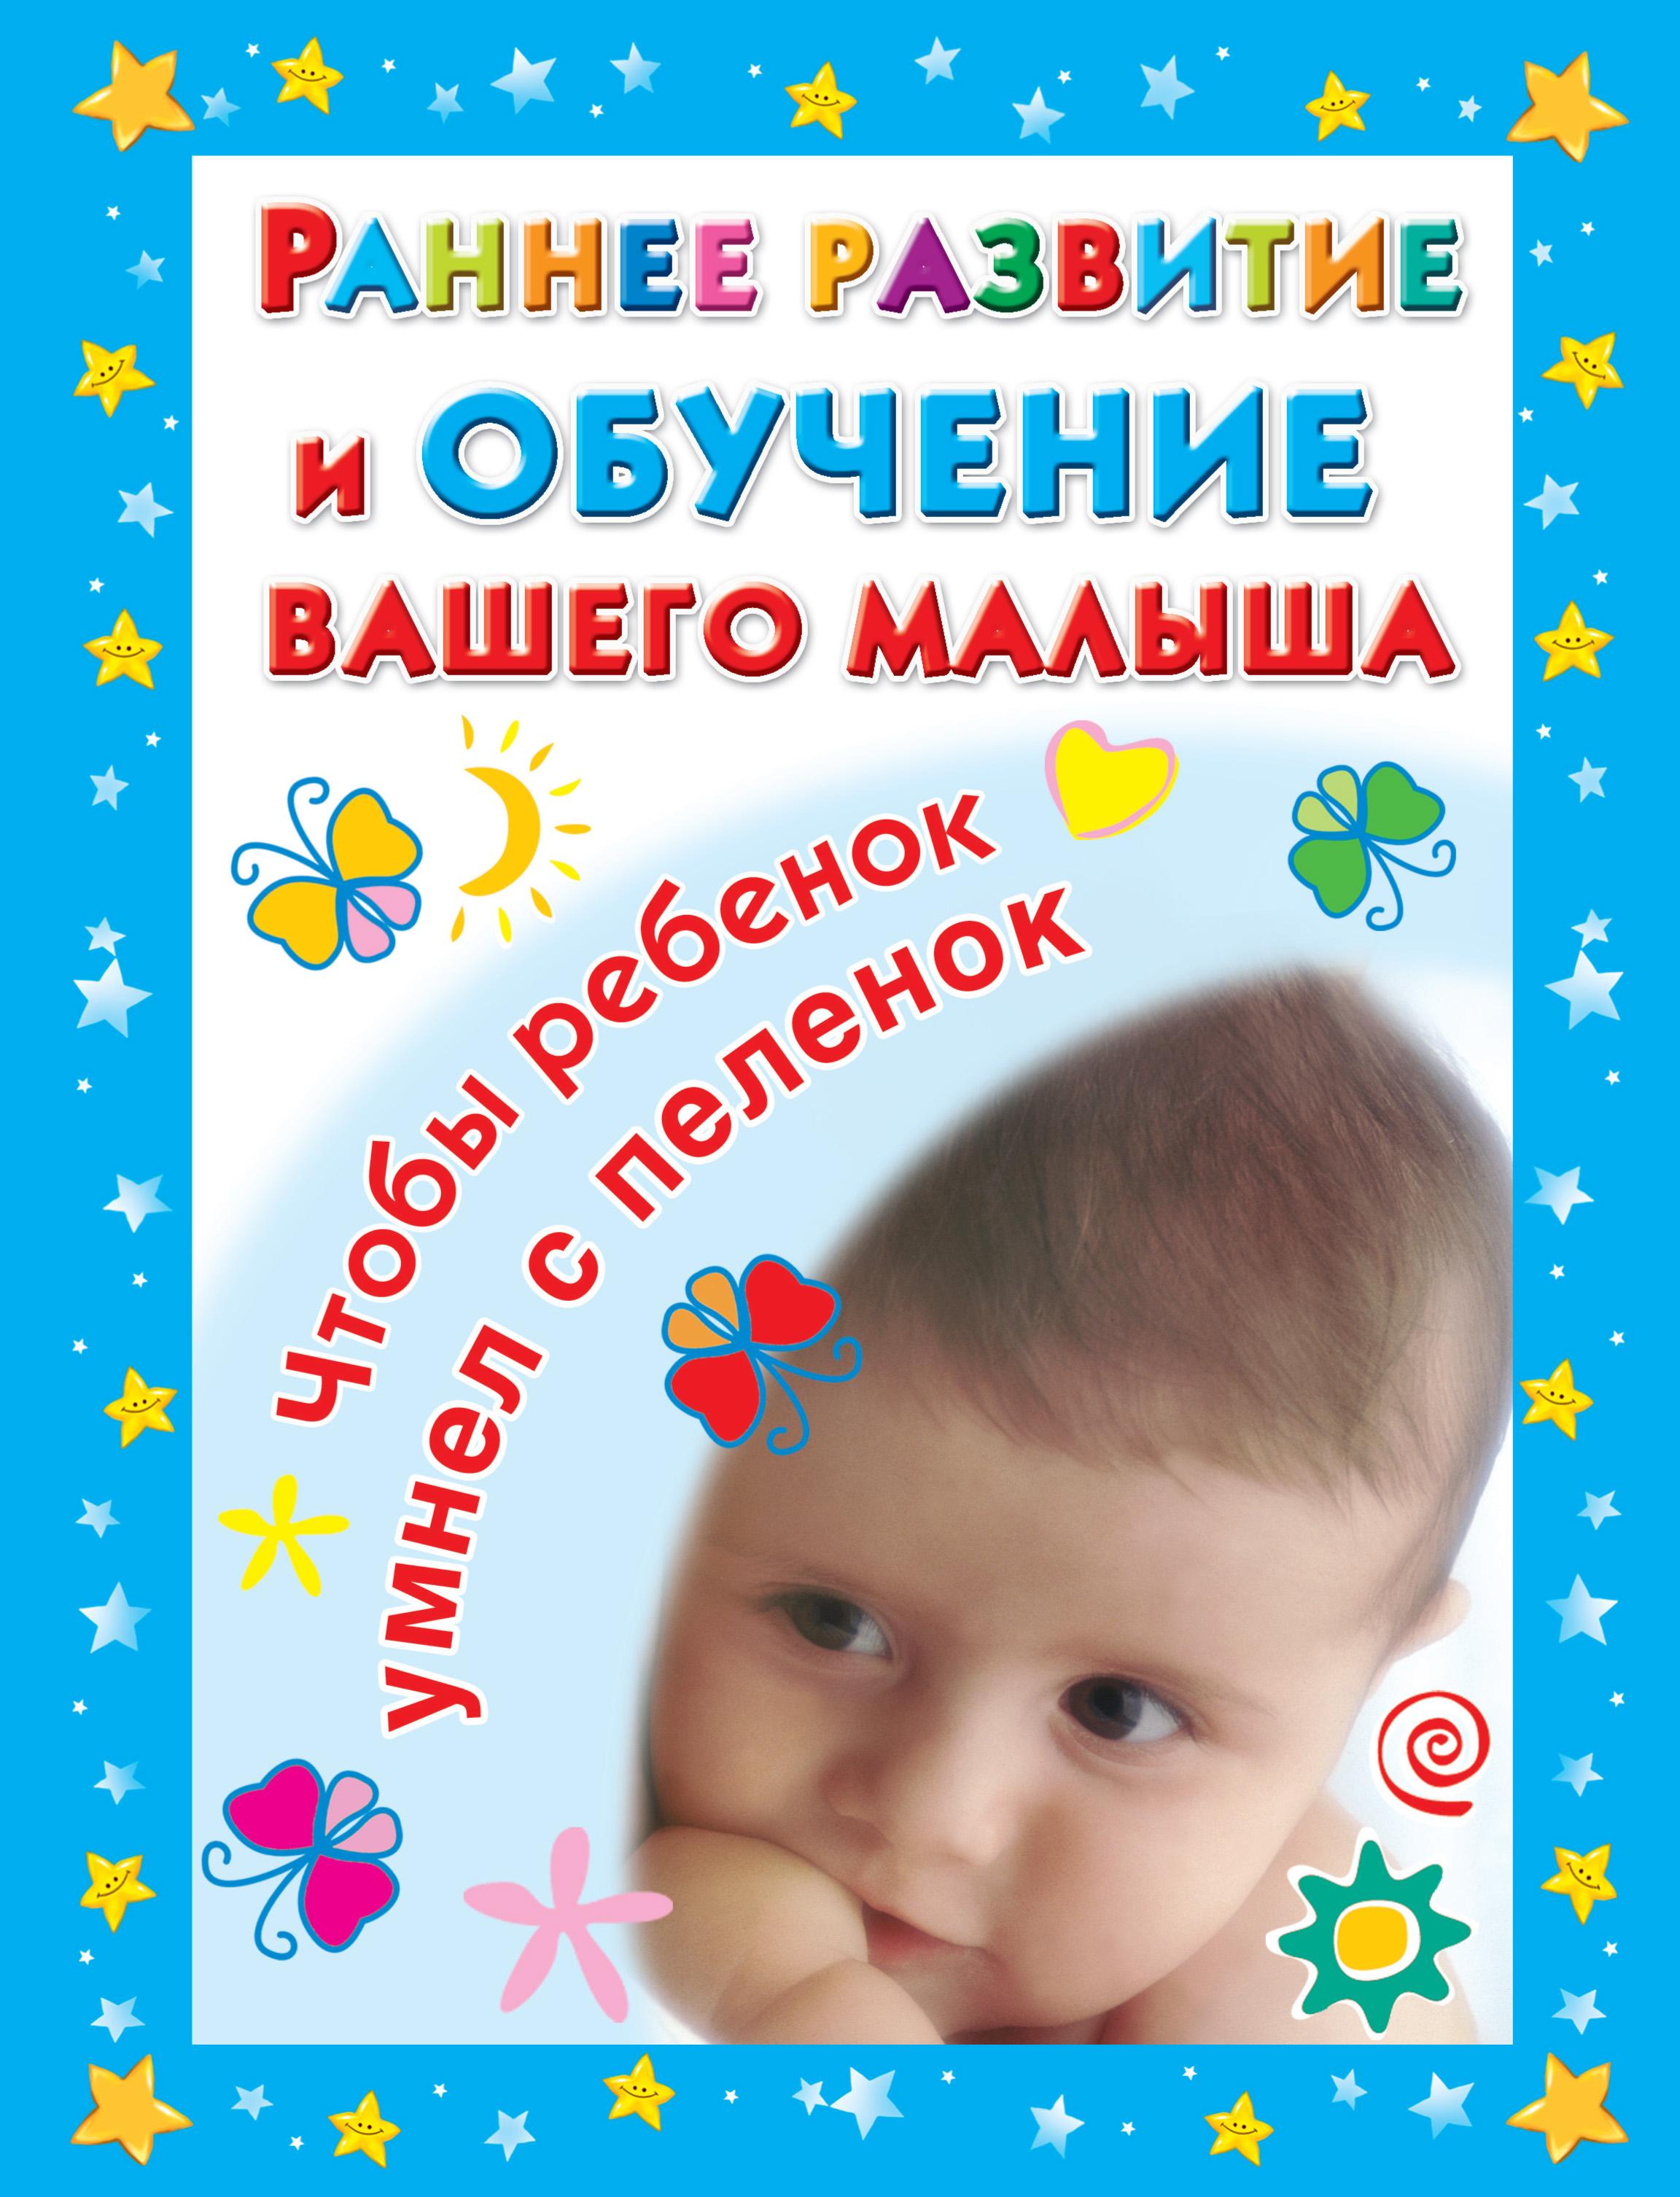 В. Г. Дмитриева Раннее развитие и обучение вашего малыша. Главная книга для родителей медина д правила развития мозга вашего ребенка что нужно малышу от 0 до 5 лет чтобы он вырос умным и счастливым